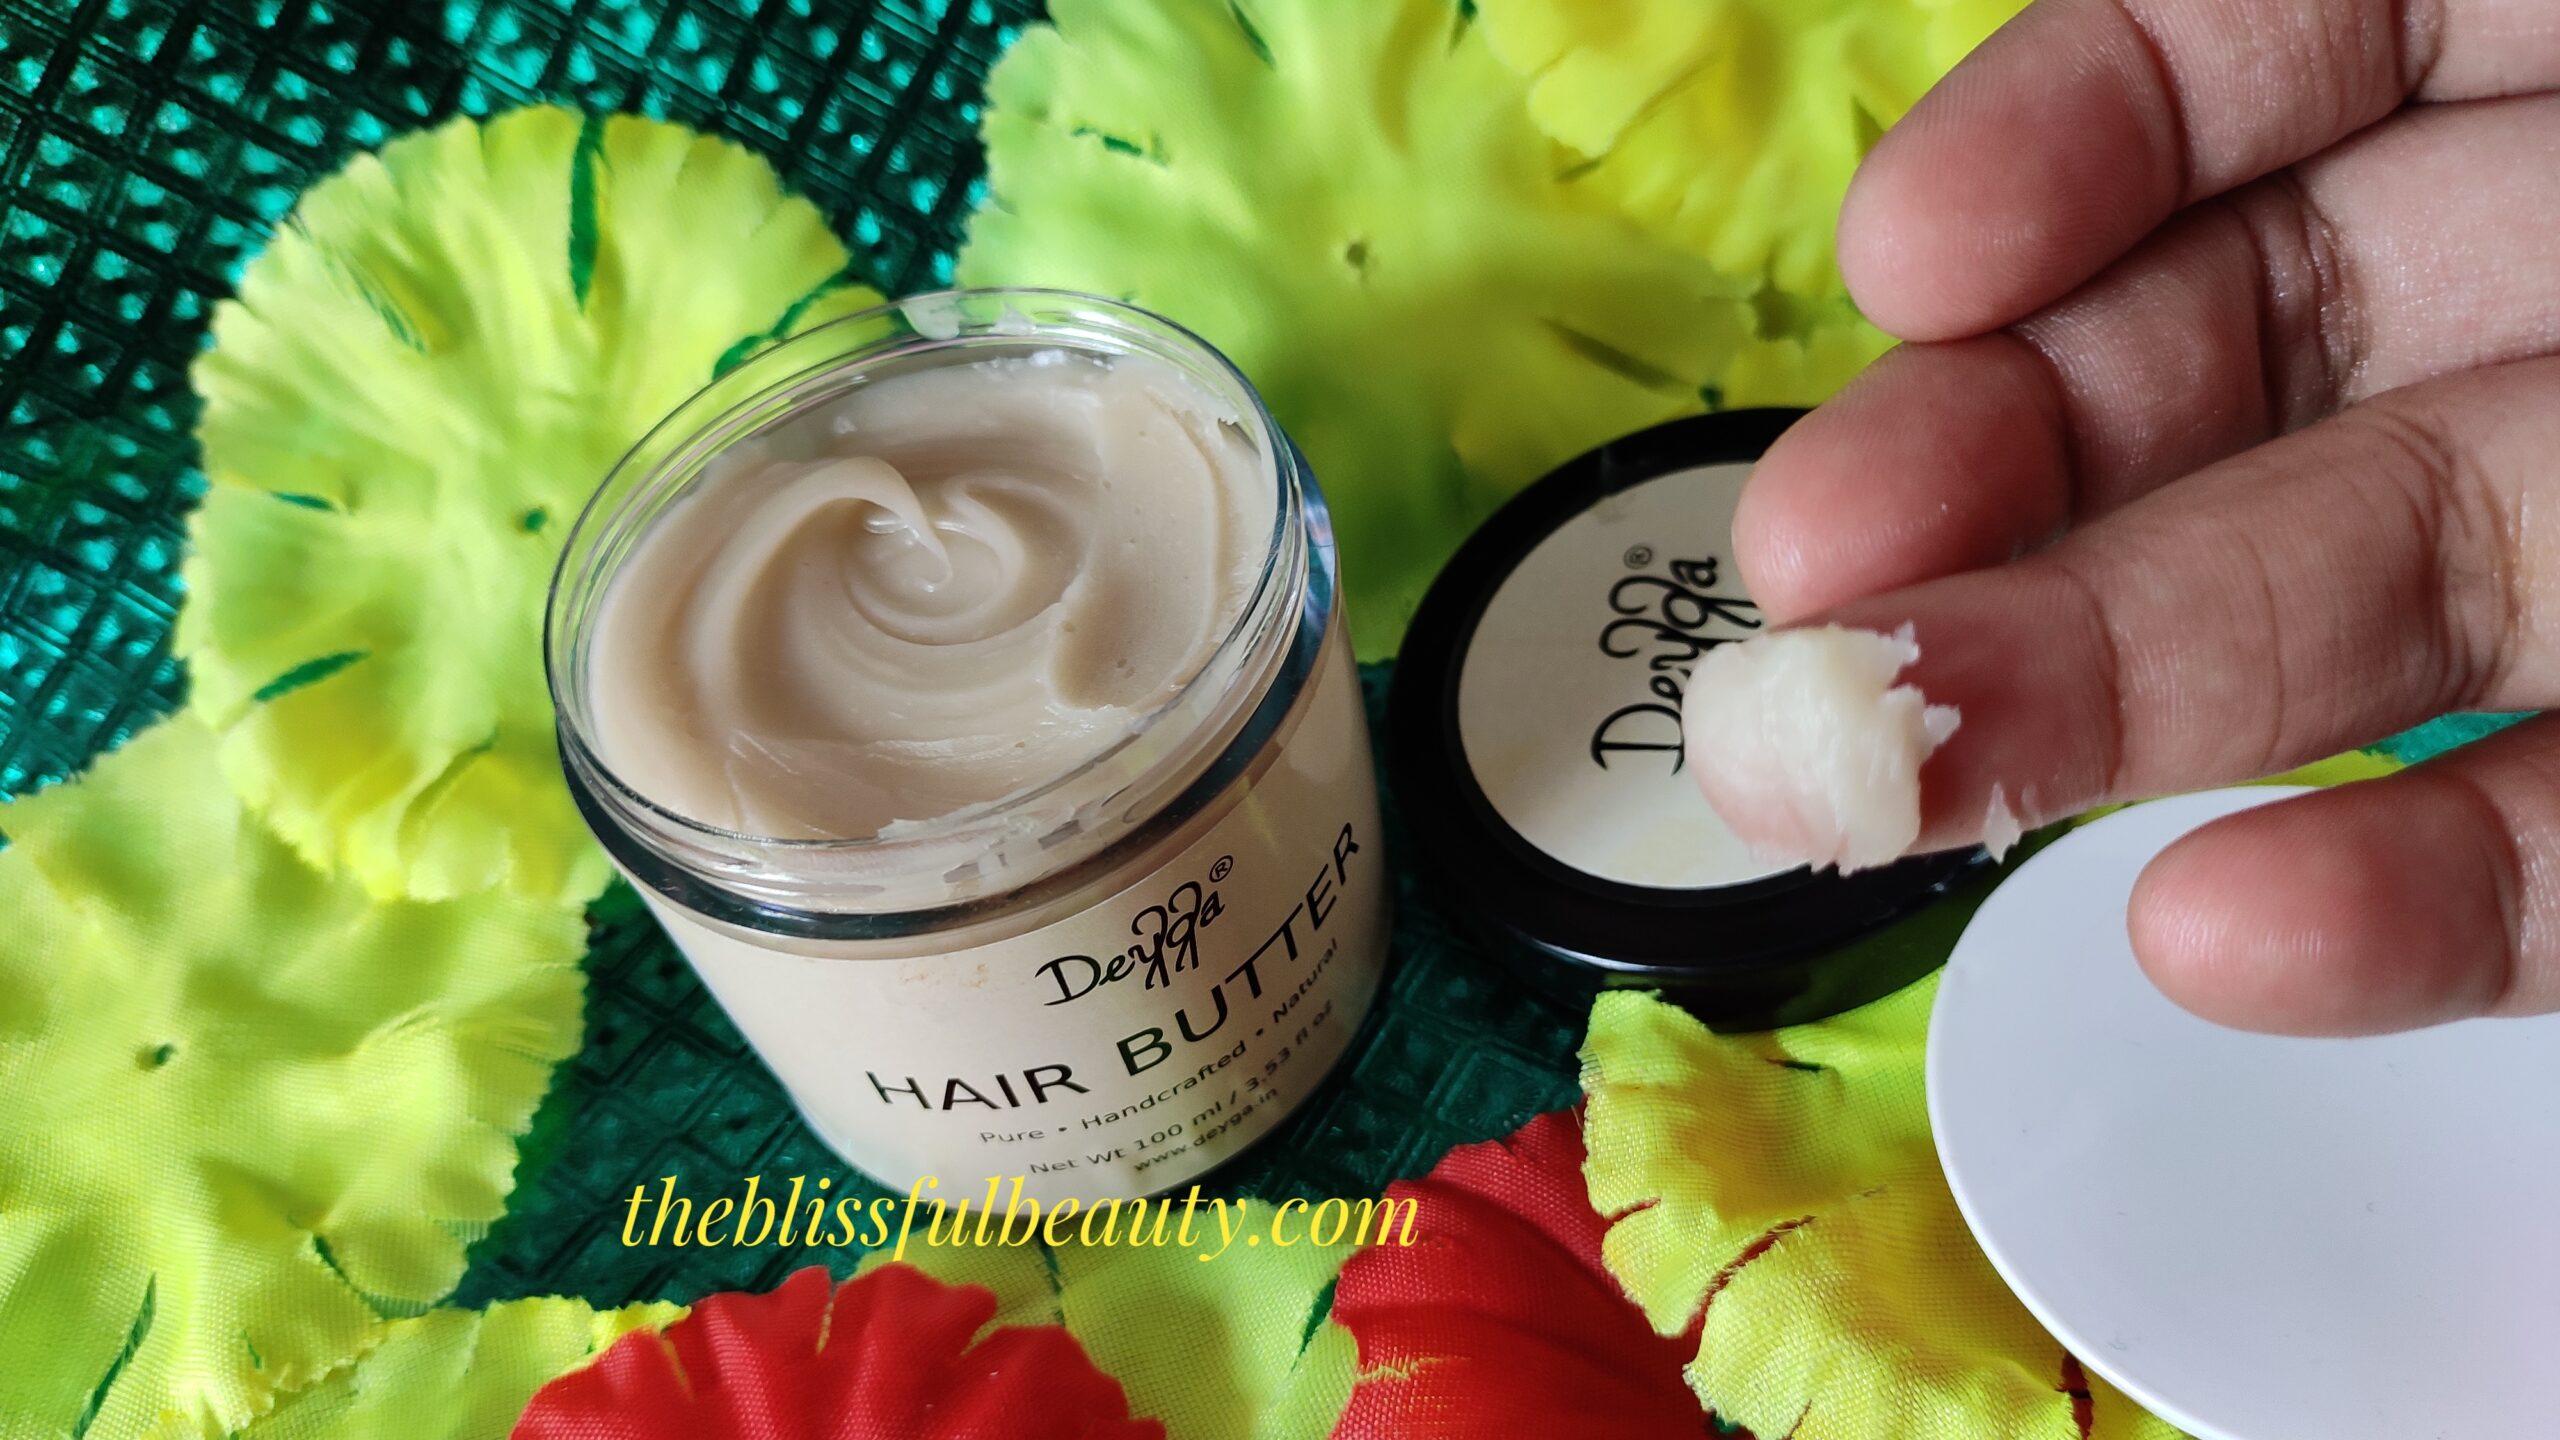 Deyga Hair Butter Review